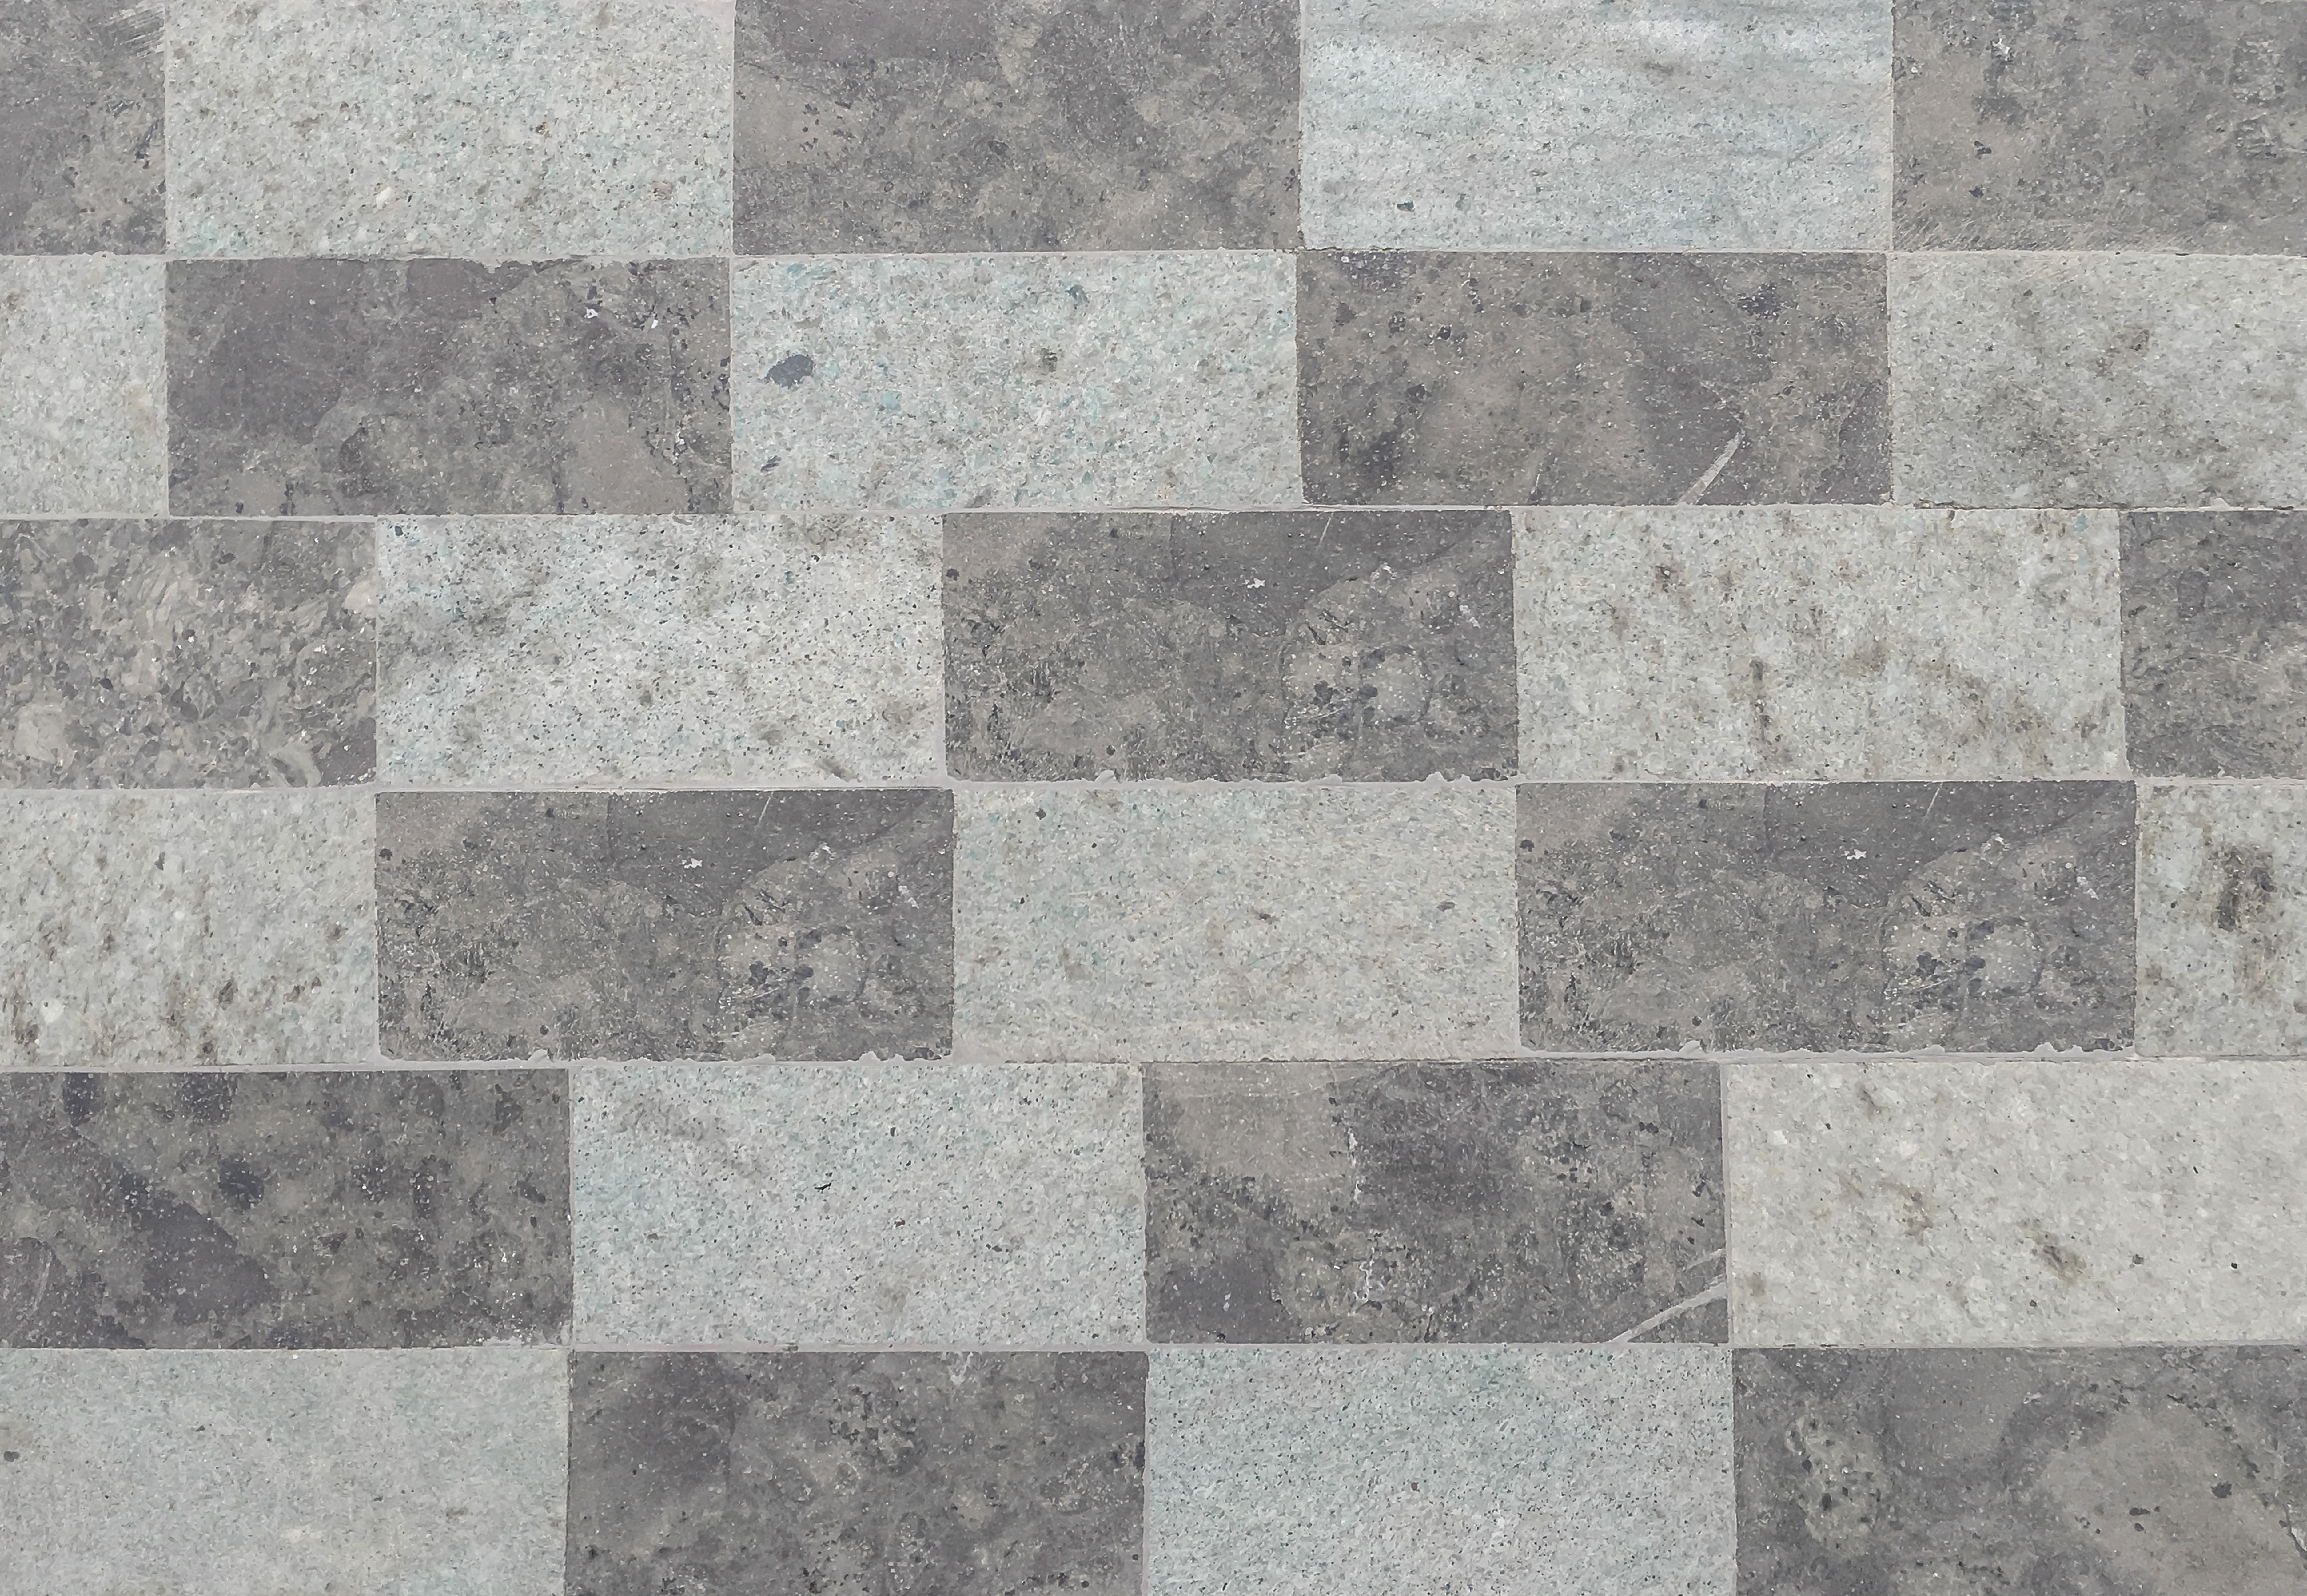 - Steps For Sealing A Natural Stone Tile Backsplash Home Guides